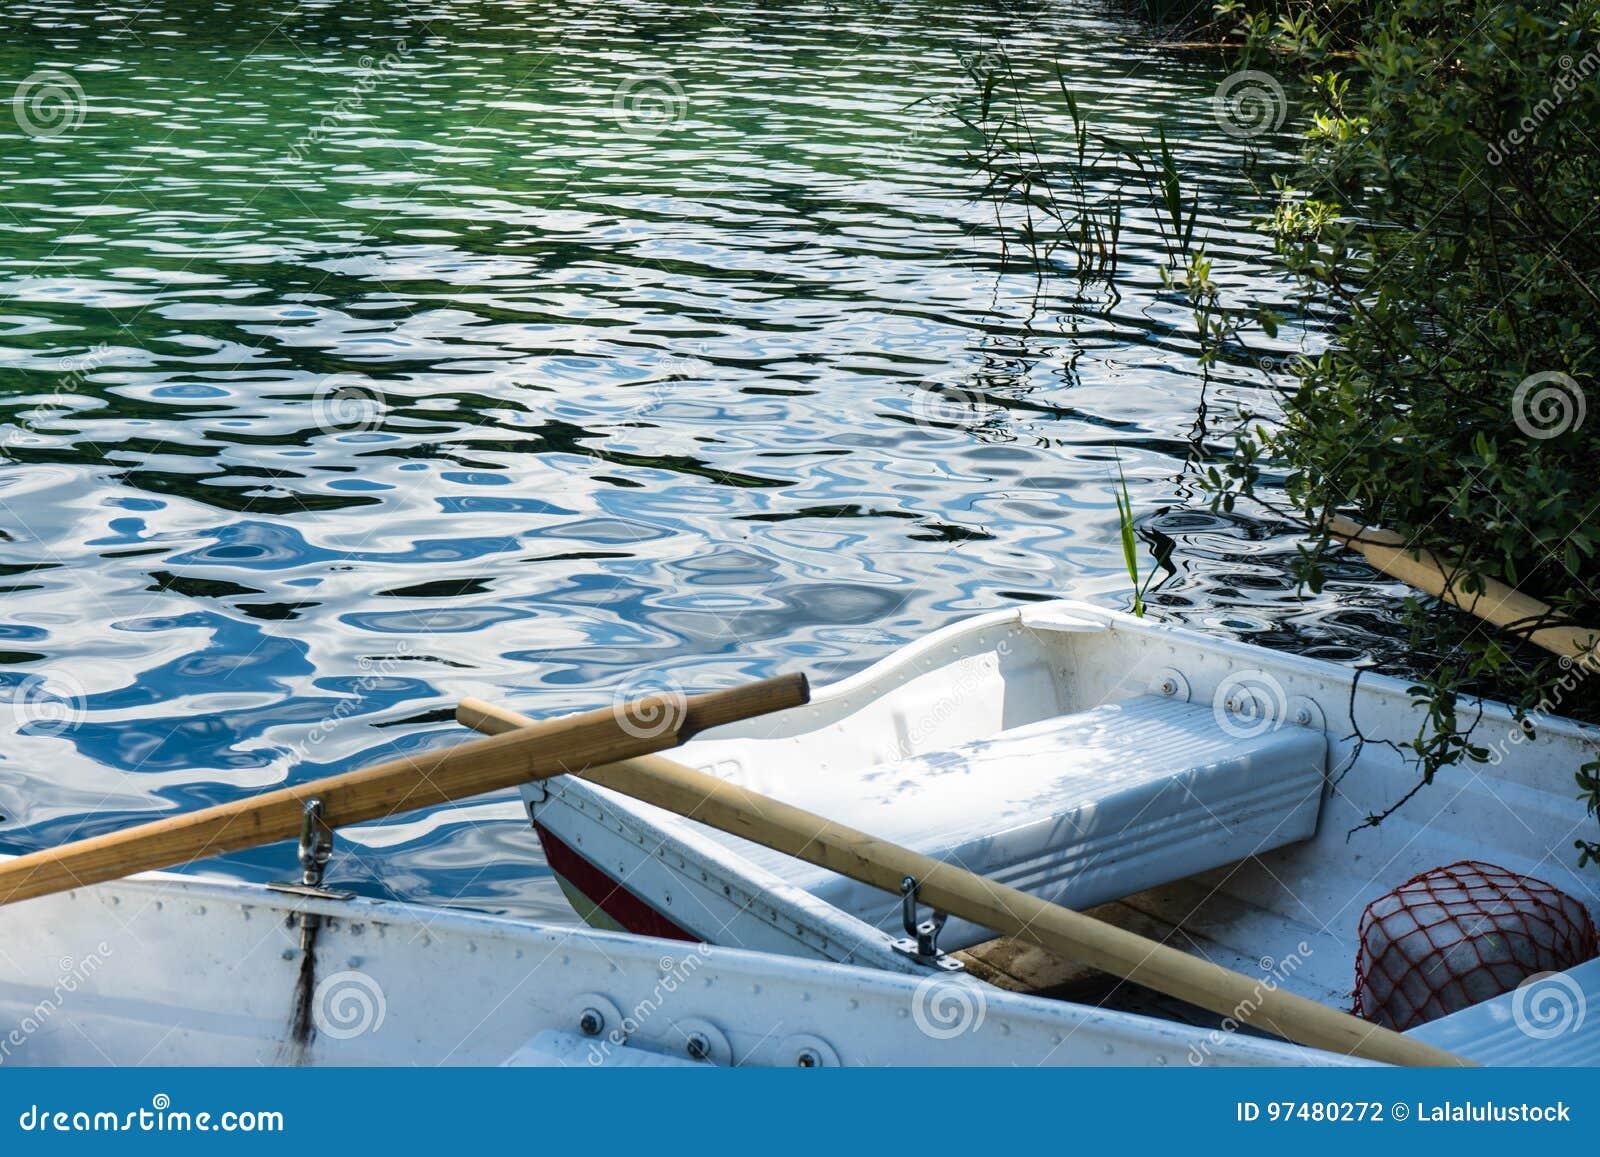 Barche sul lago di crestasee pronto per l uso